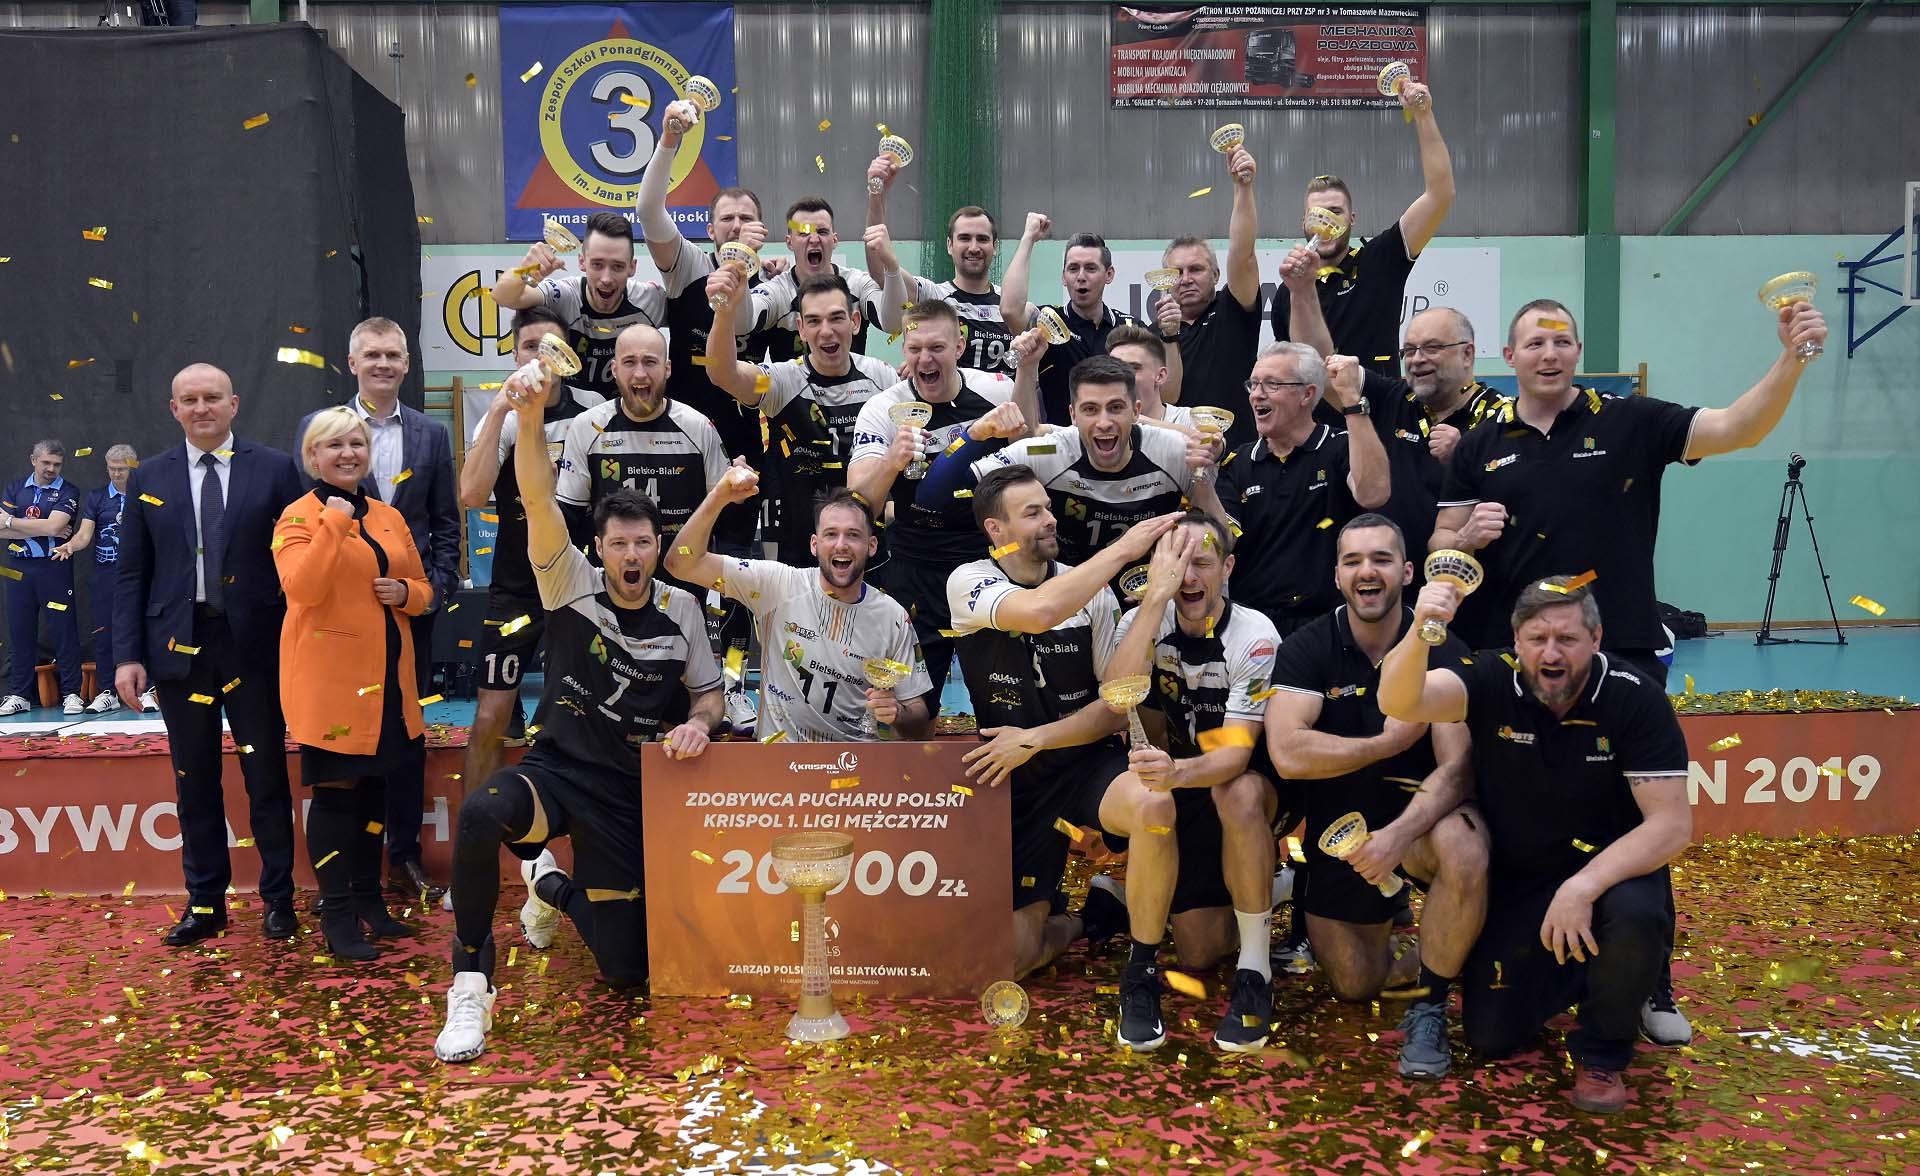 Puchar Polski dla bielskiej drużyny